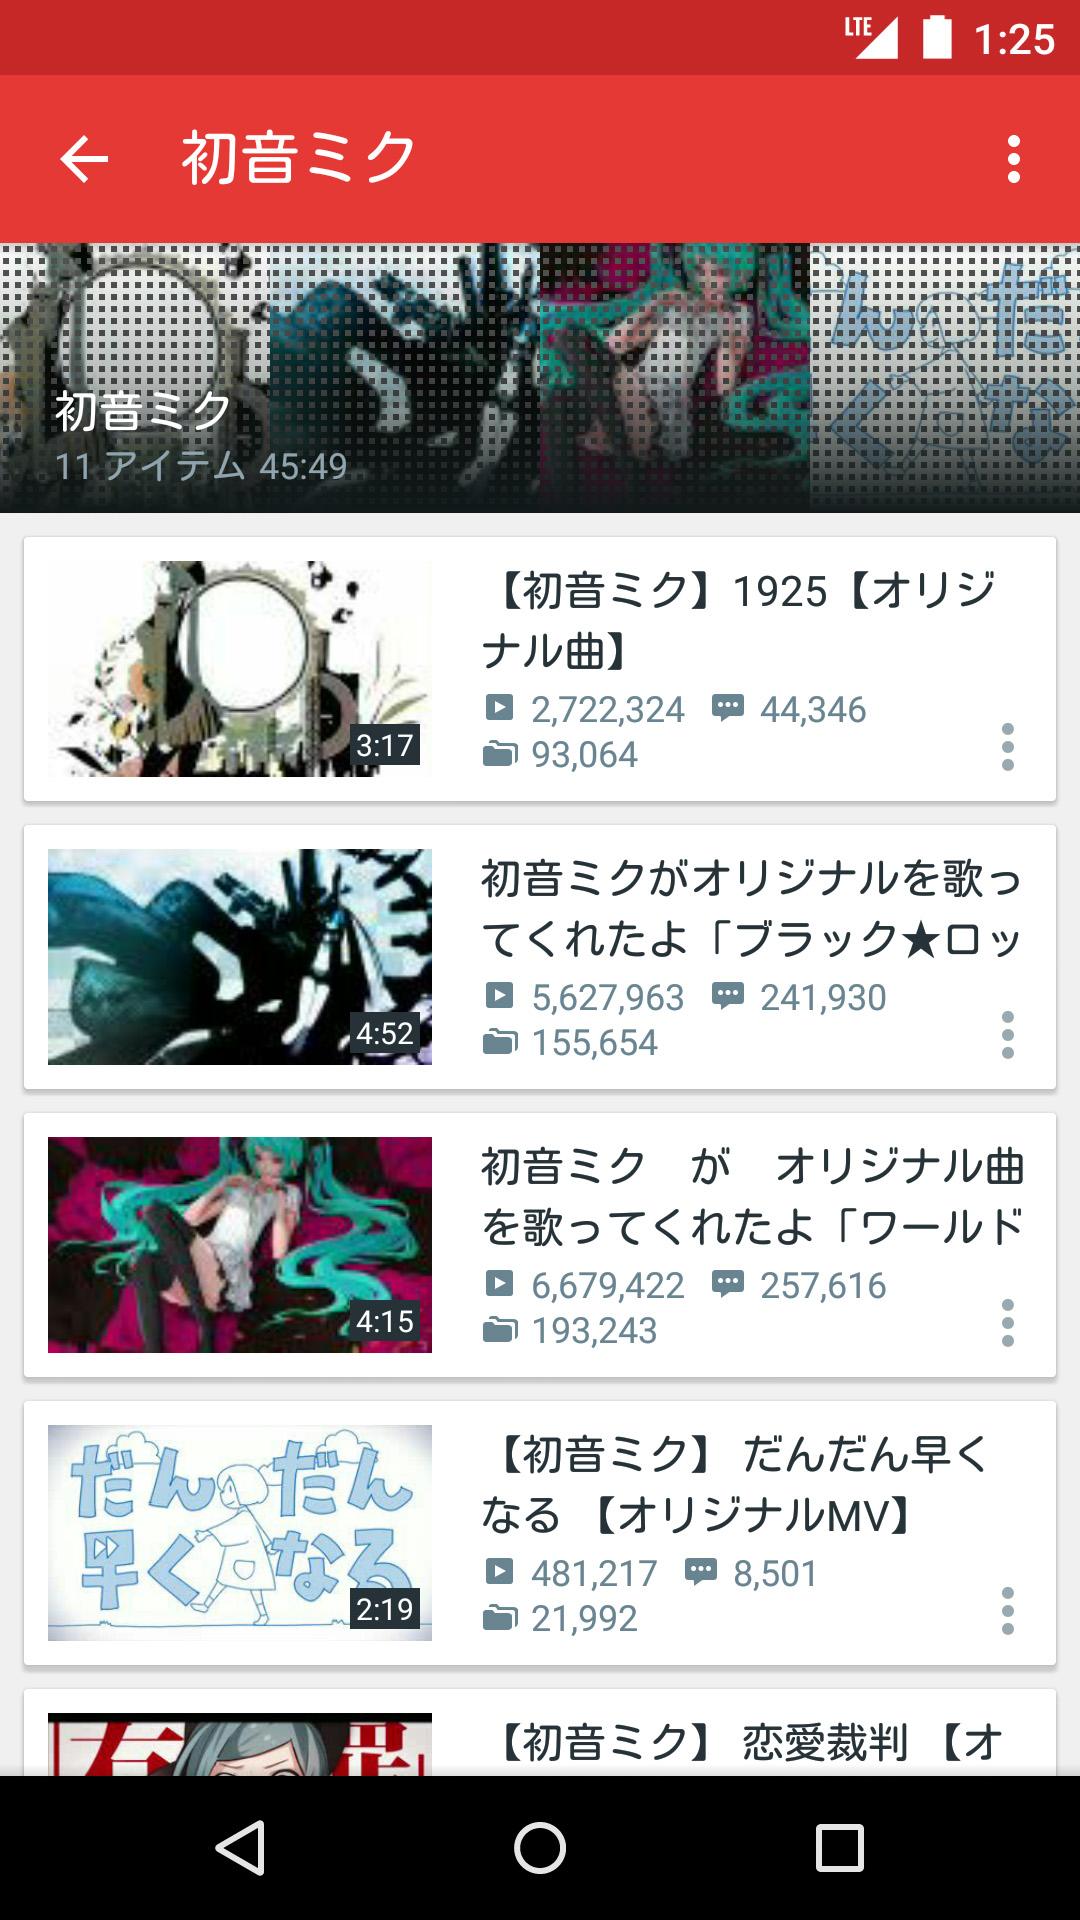 株式会社ドワンゴ NicoBox スクリーンショット4